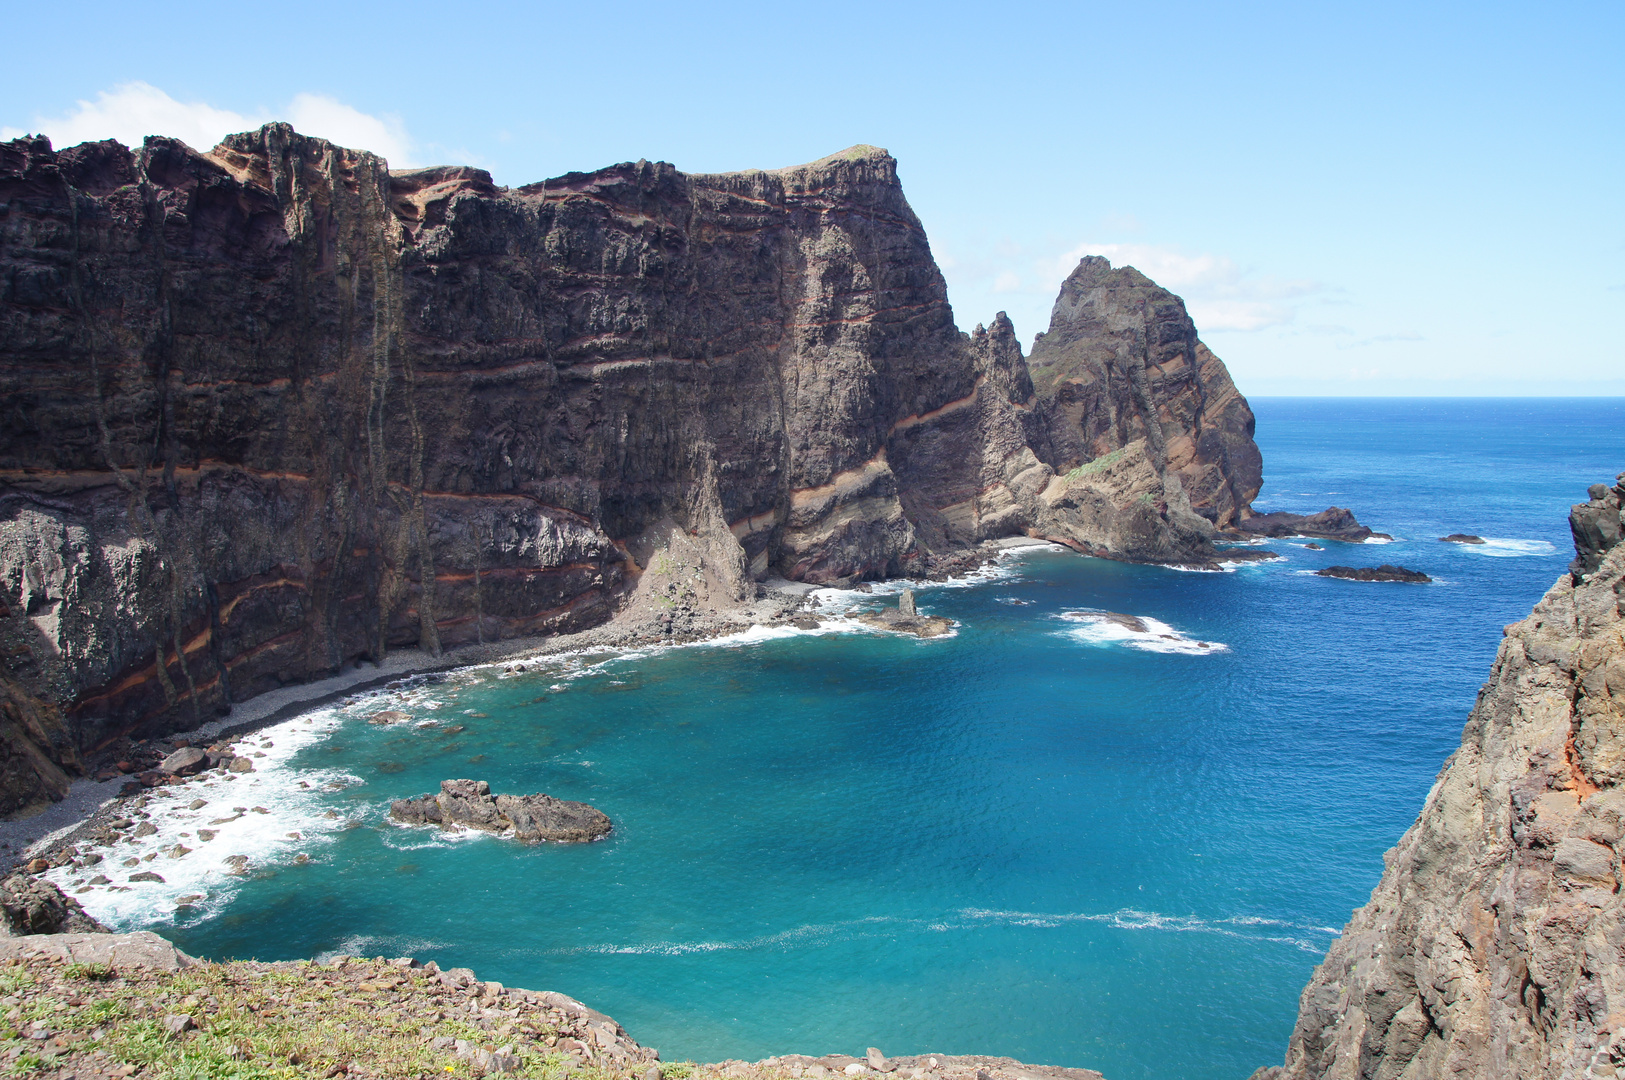 Die Steilküste Madeira's